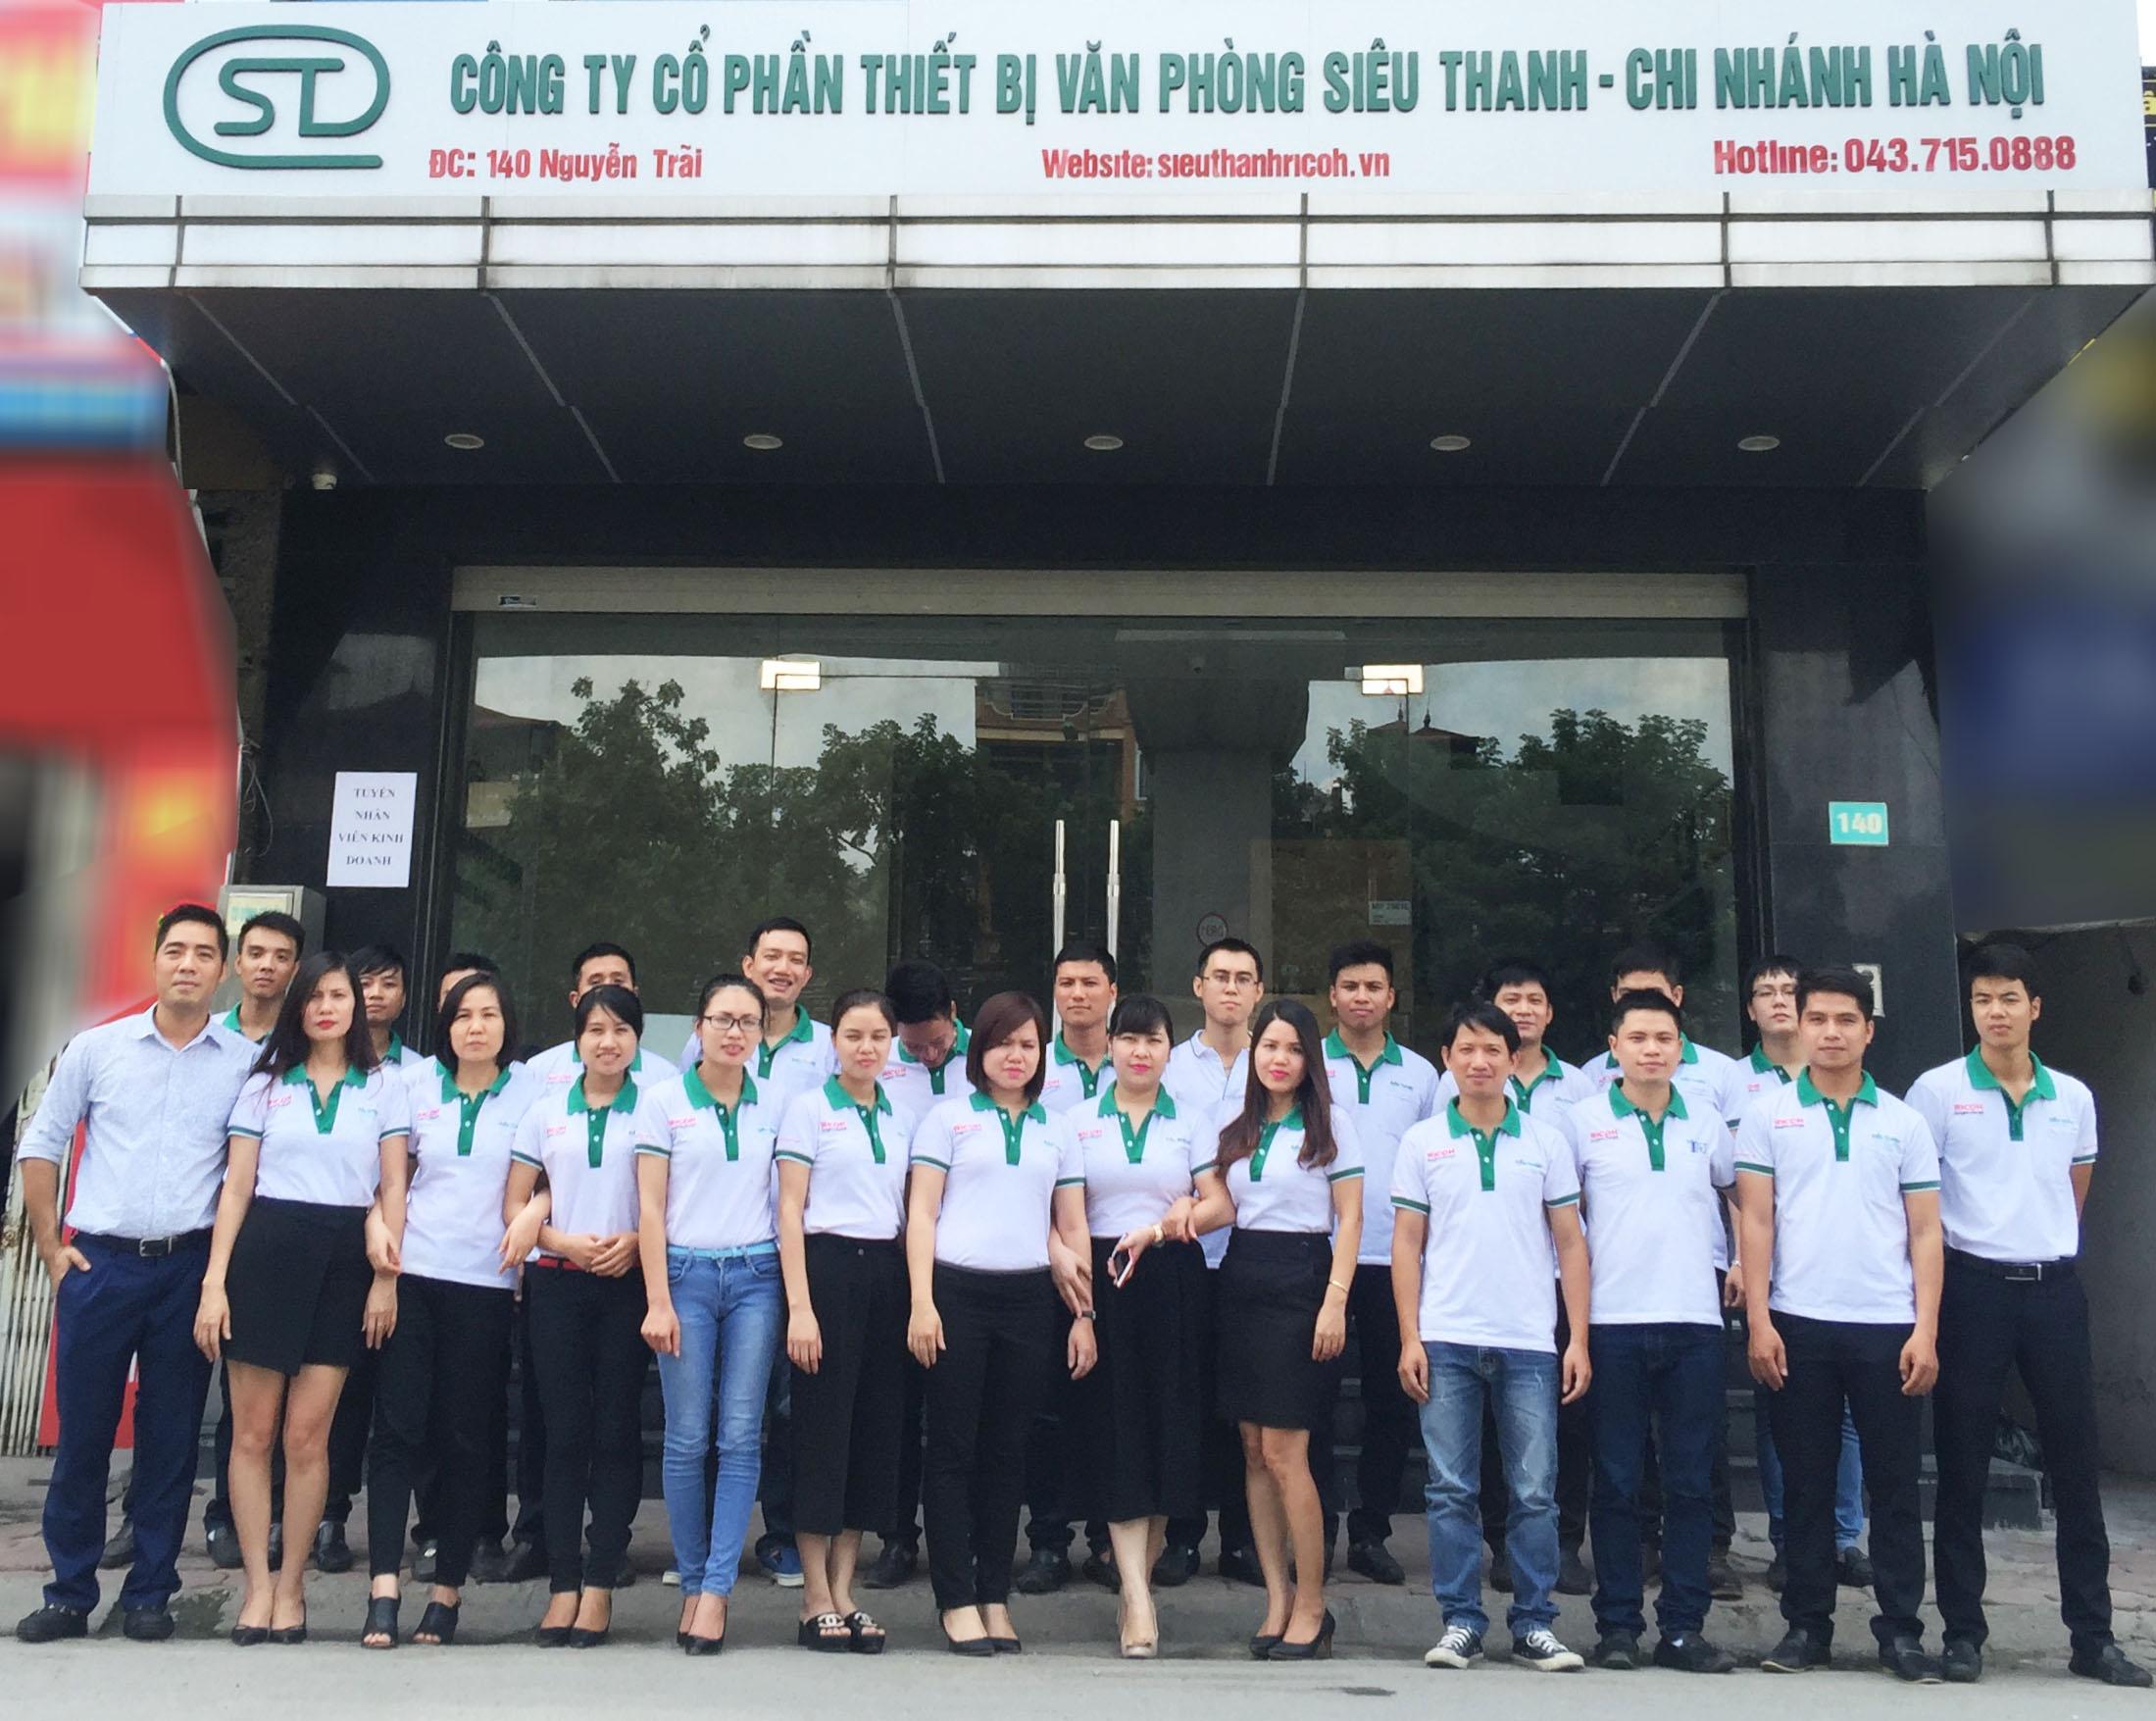 Chi nhánh Hà Nội